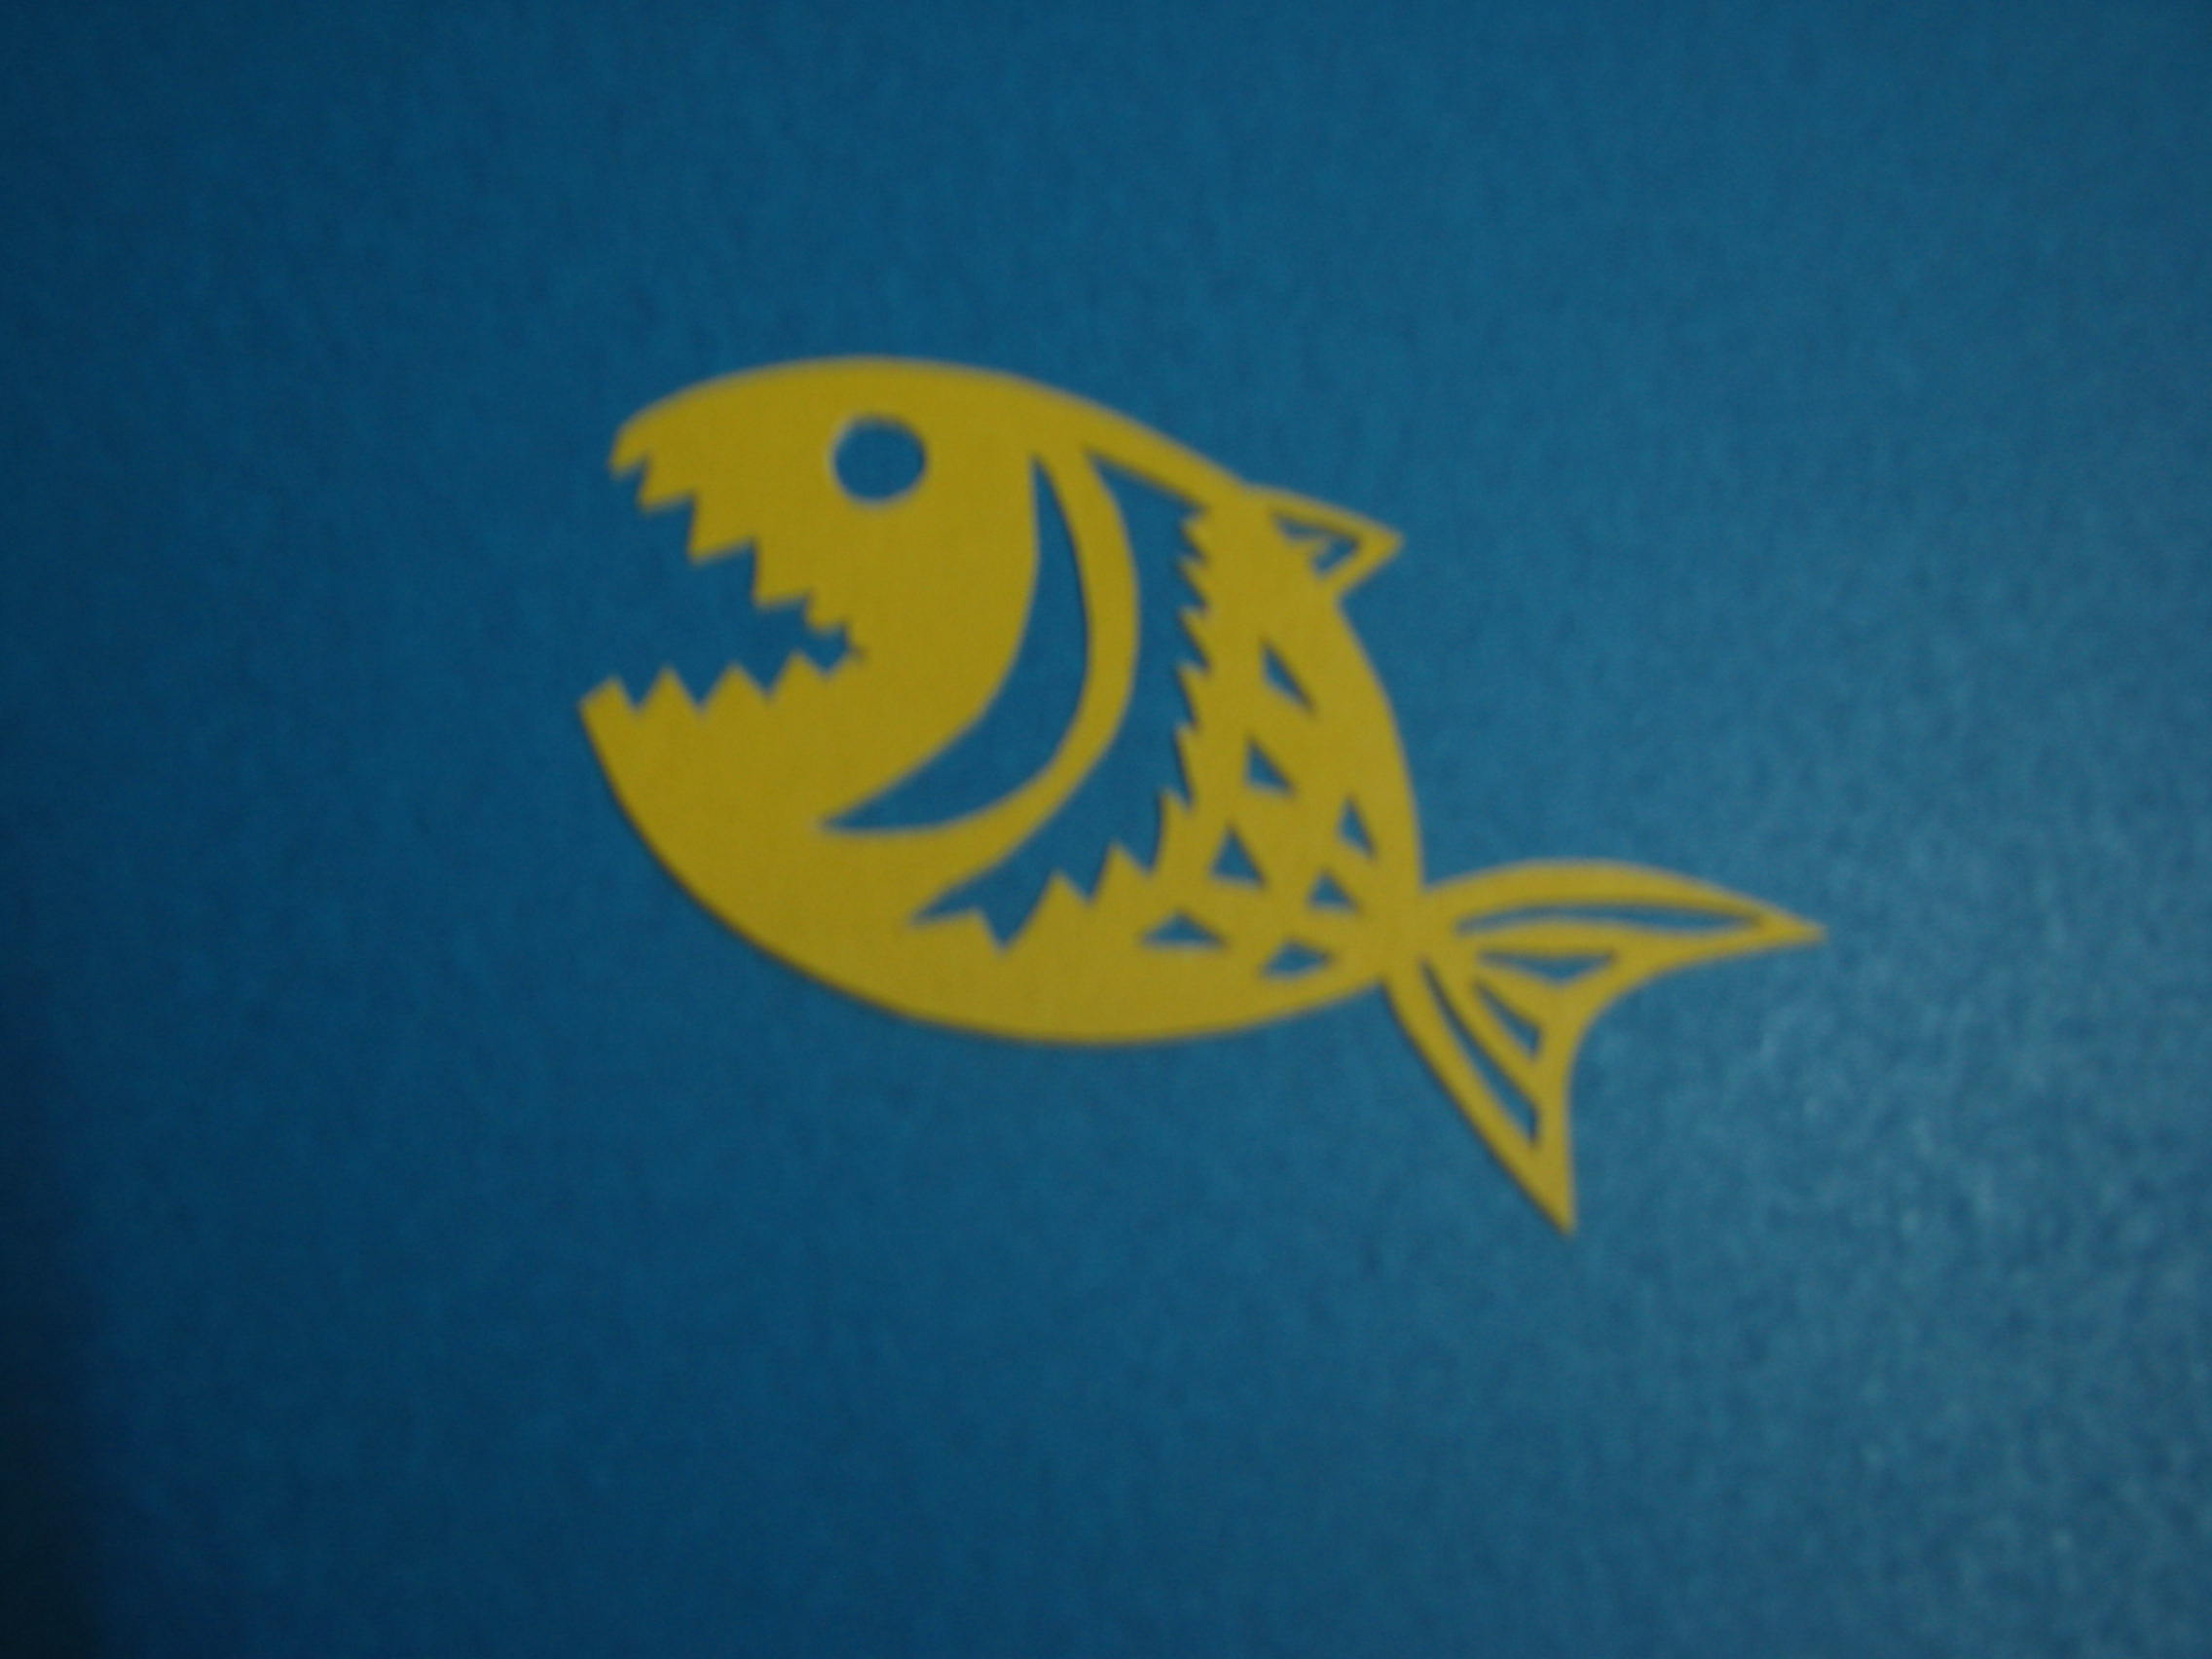 小鲨鱼可爱书签